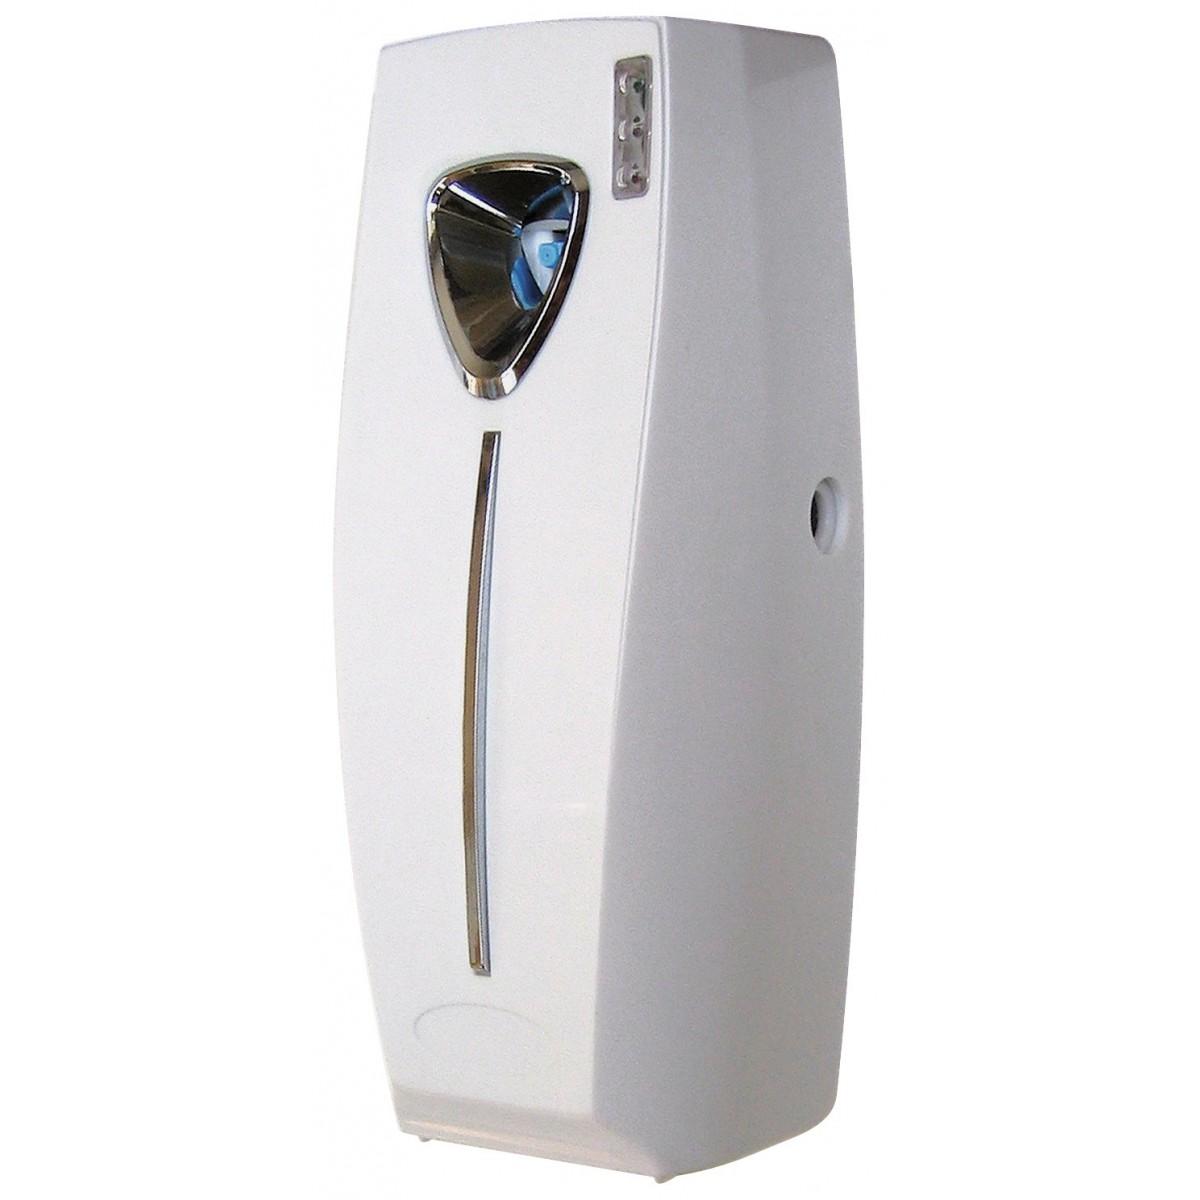 Diffuseur à pile d'odeur Amarillys JVD - Vendu sans la recharge